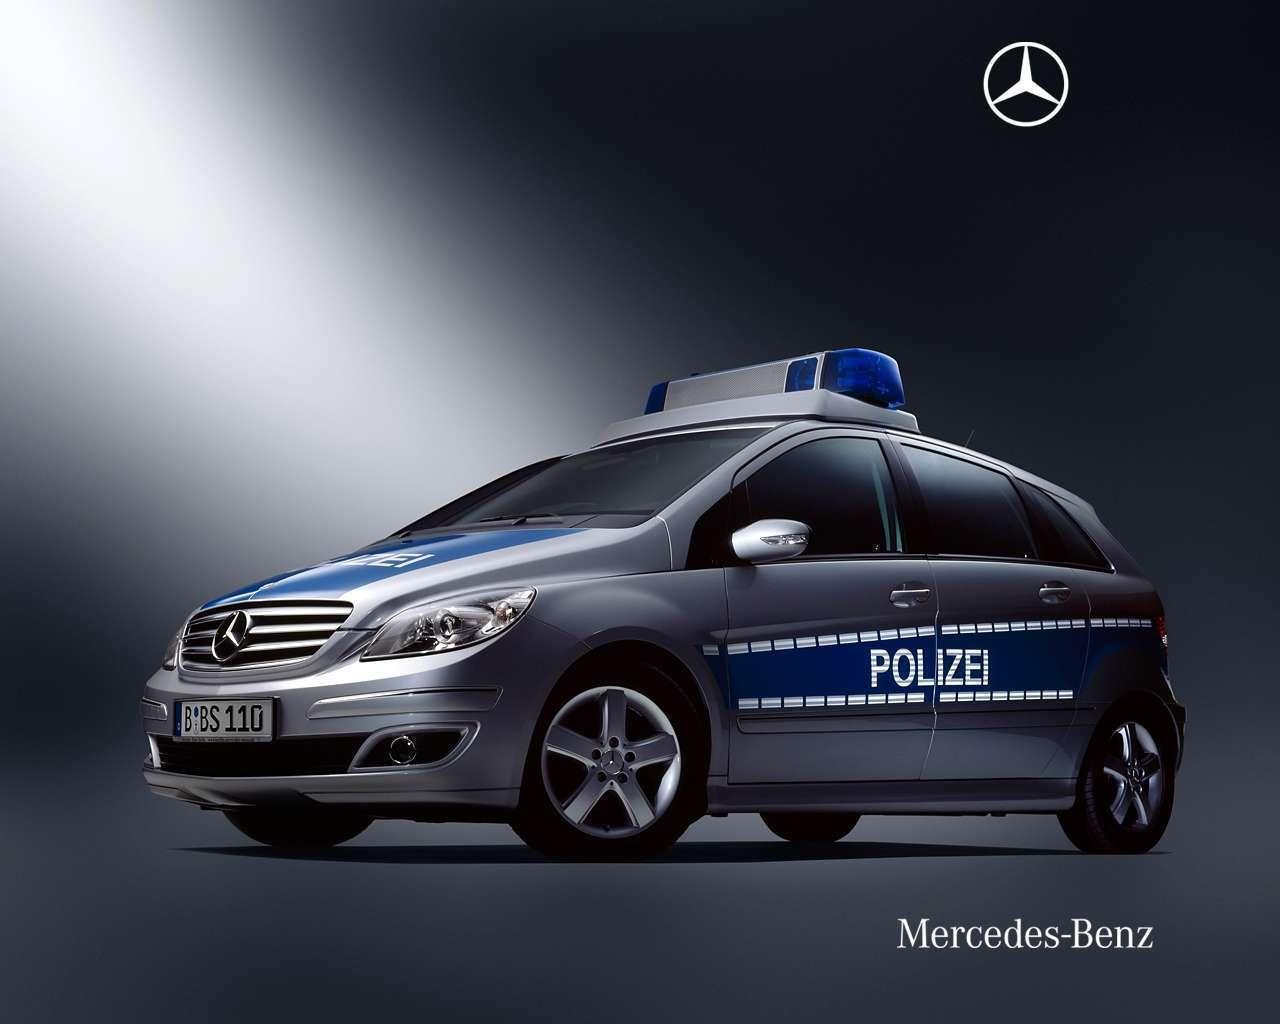 Police Car Wallpaper Backgrounds Wallpapersafari